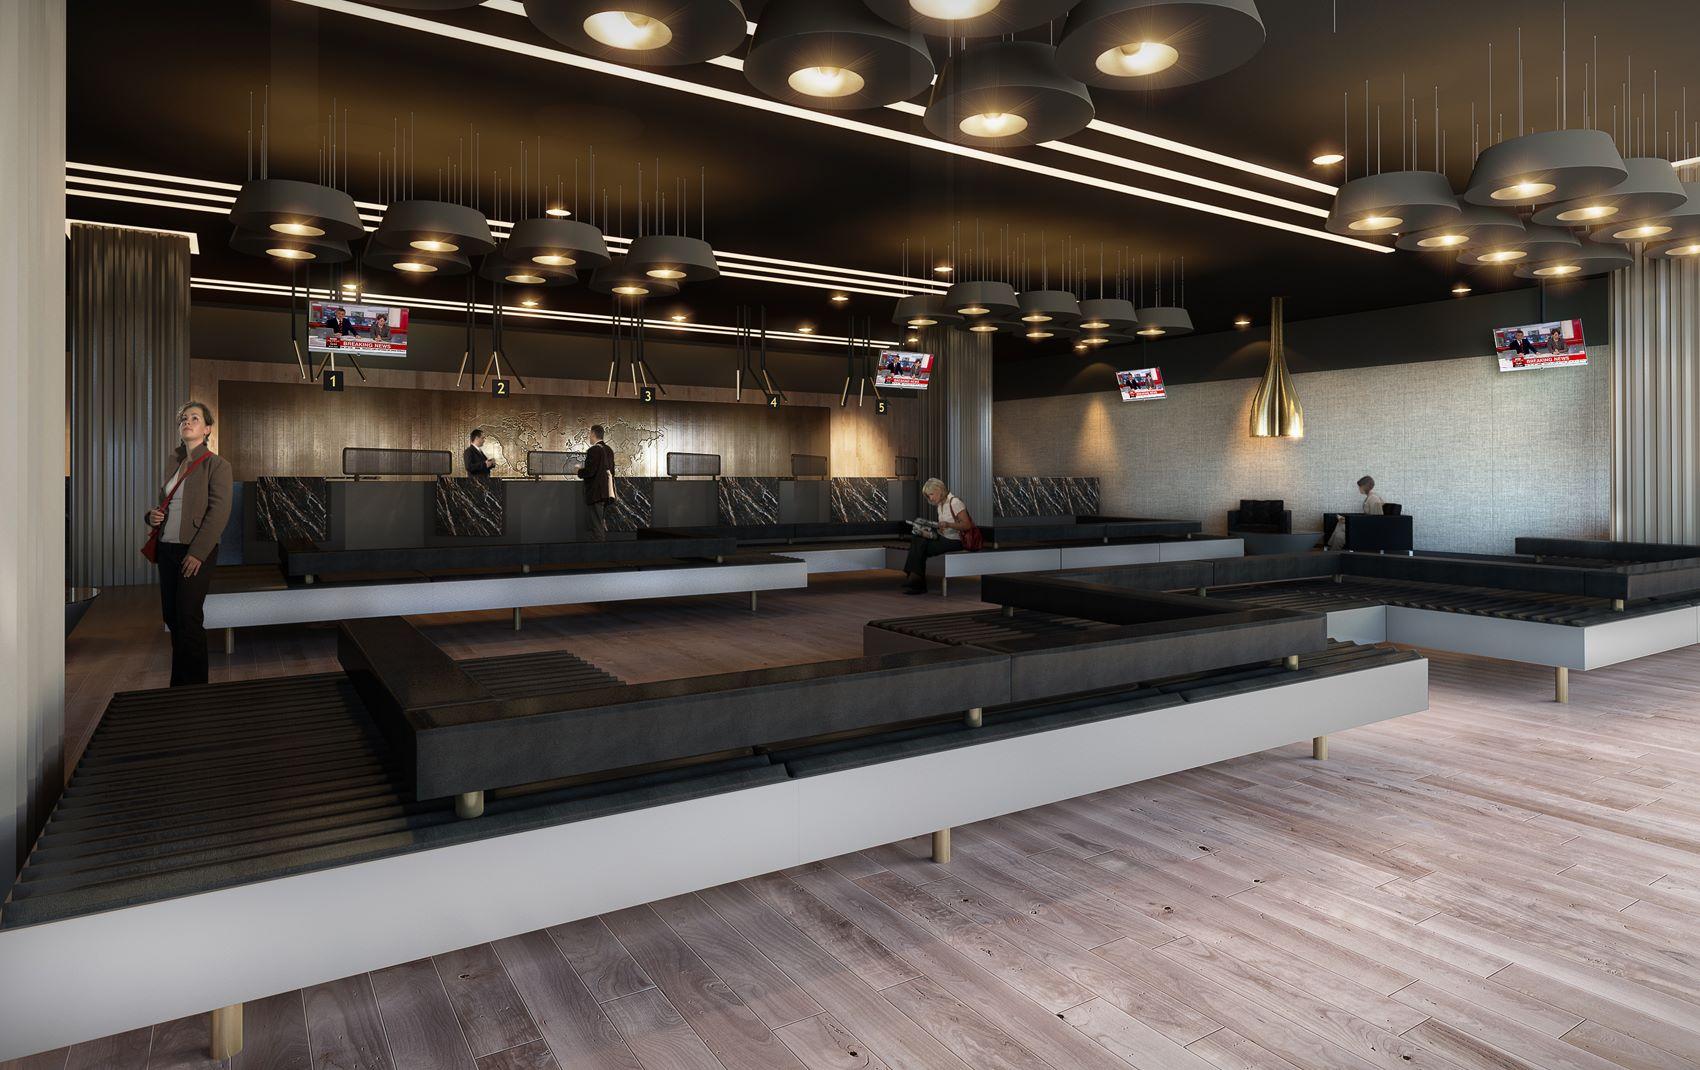 International Visa Centres - Quality Interior Design